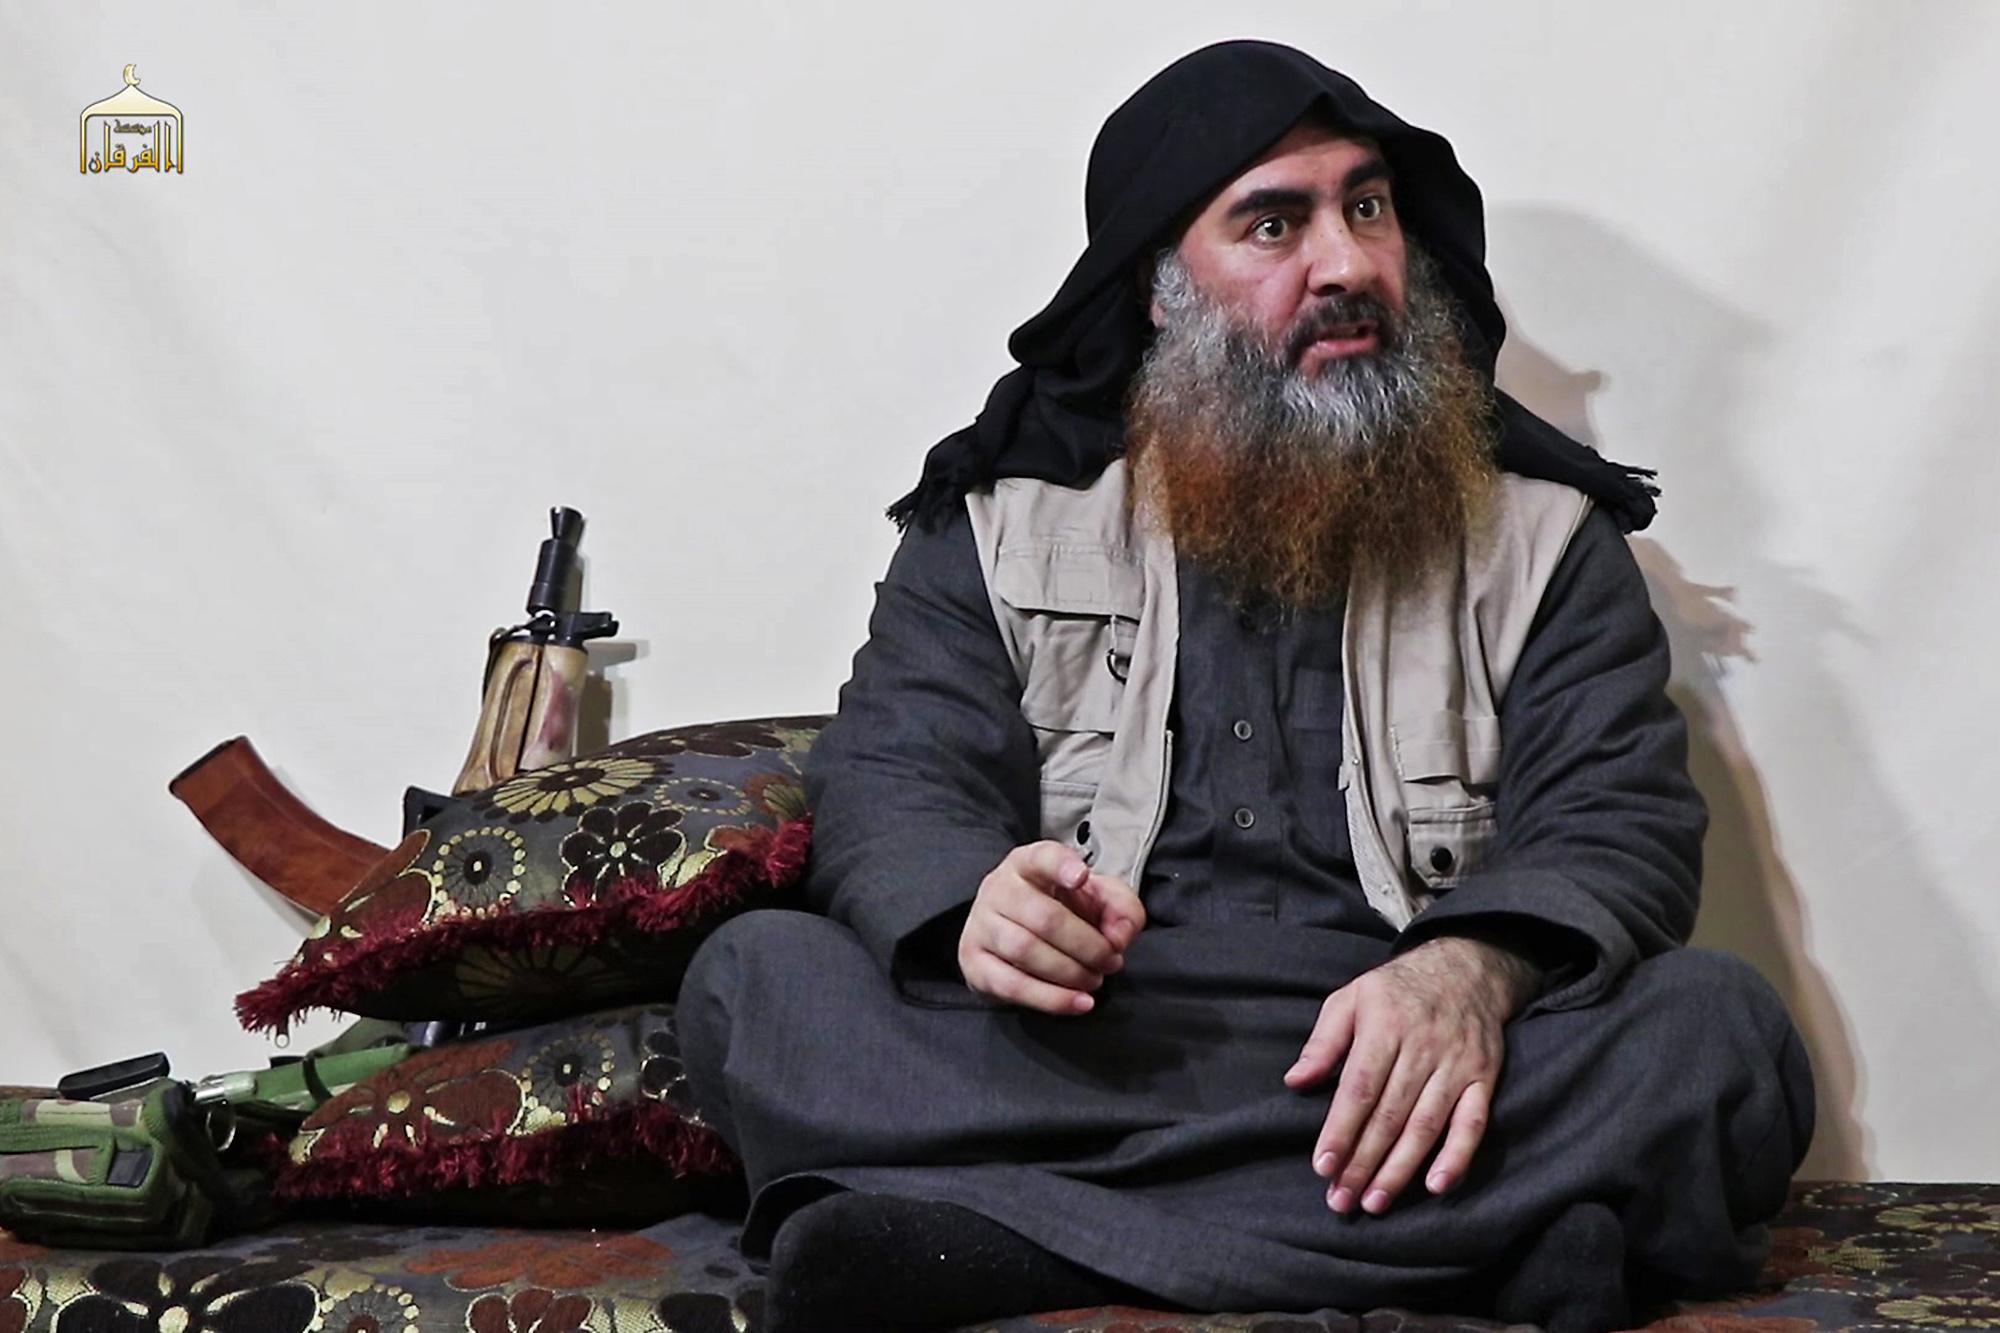 In april 2019 verscheen deze video van een man die Al-Baghdadi beweert te zijn., Belga Image